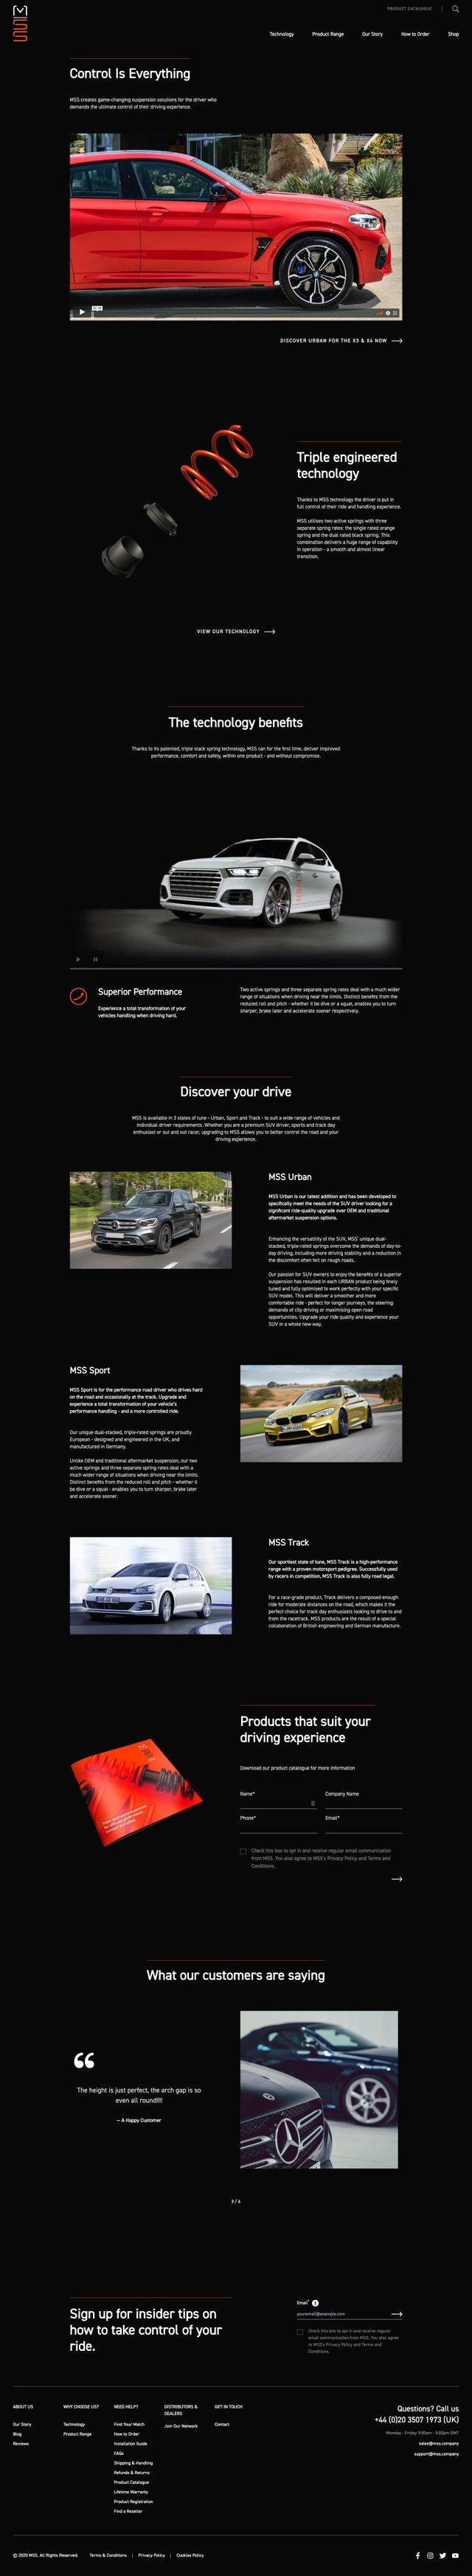 First screenshot of MSS website